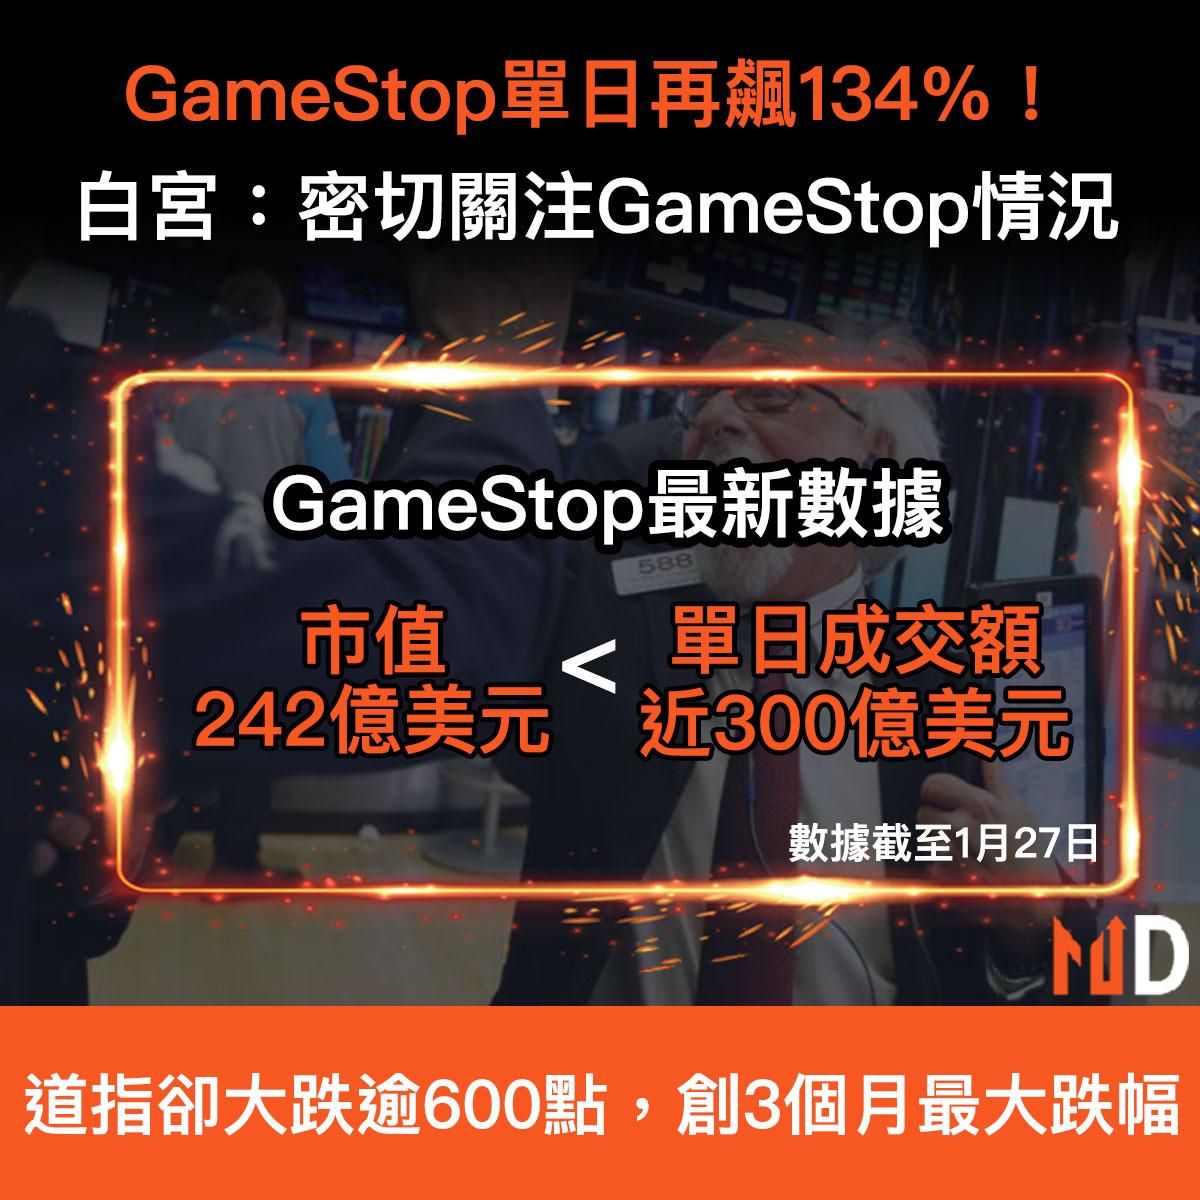 【散戶決戰大鱷】GameStop單日再飆134%!白宮:密切關注GameStop情況